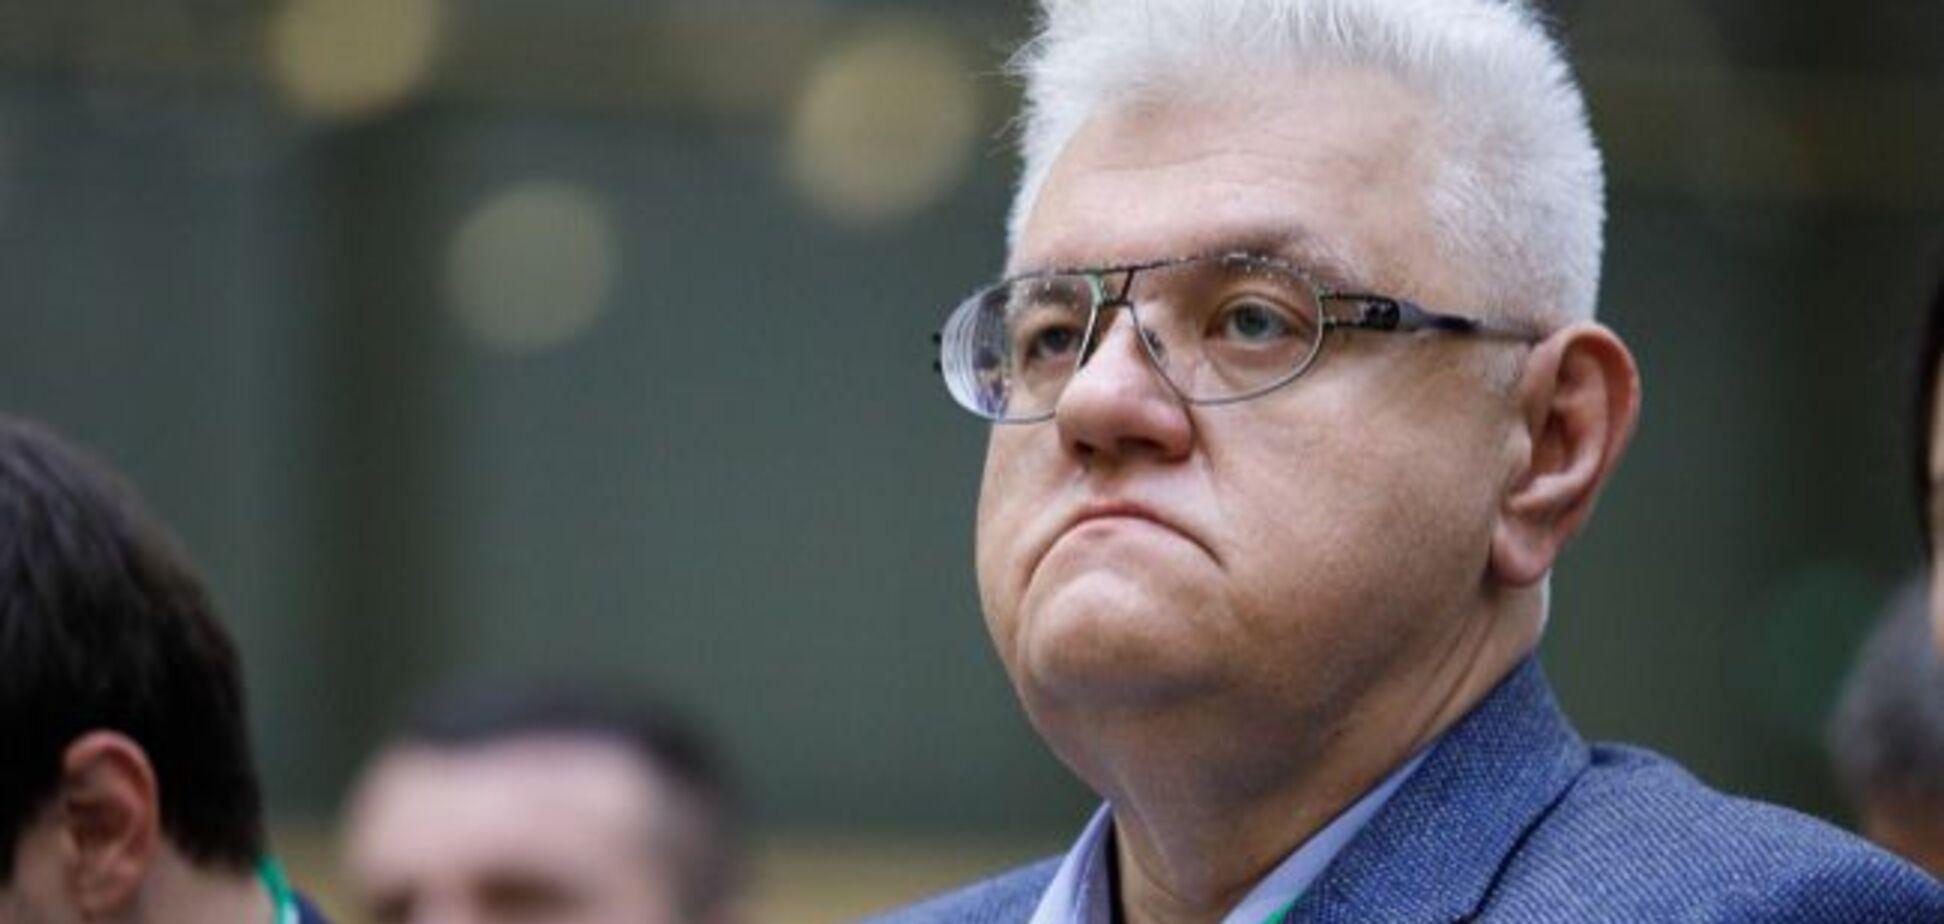 Украинцы в фотожабах высмеяли падение Сивохо